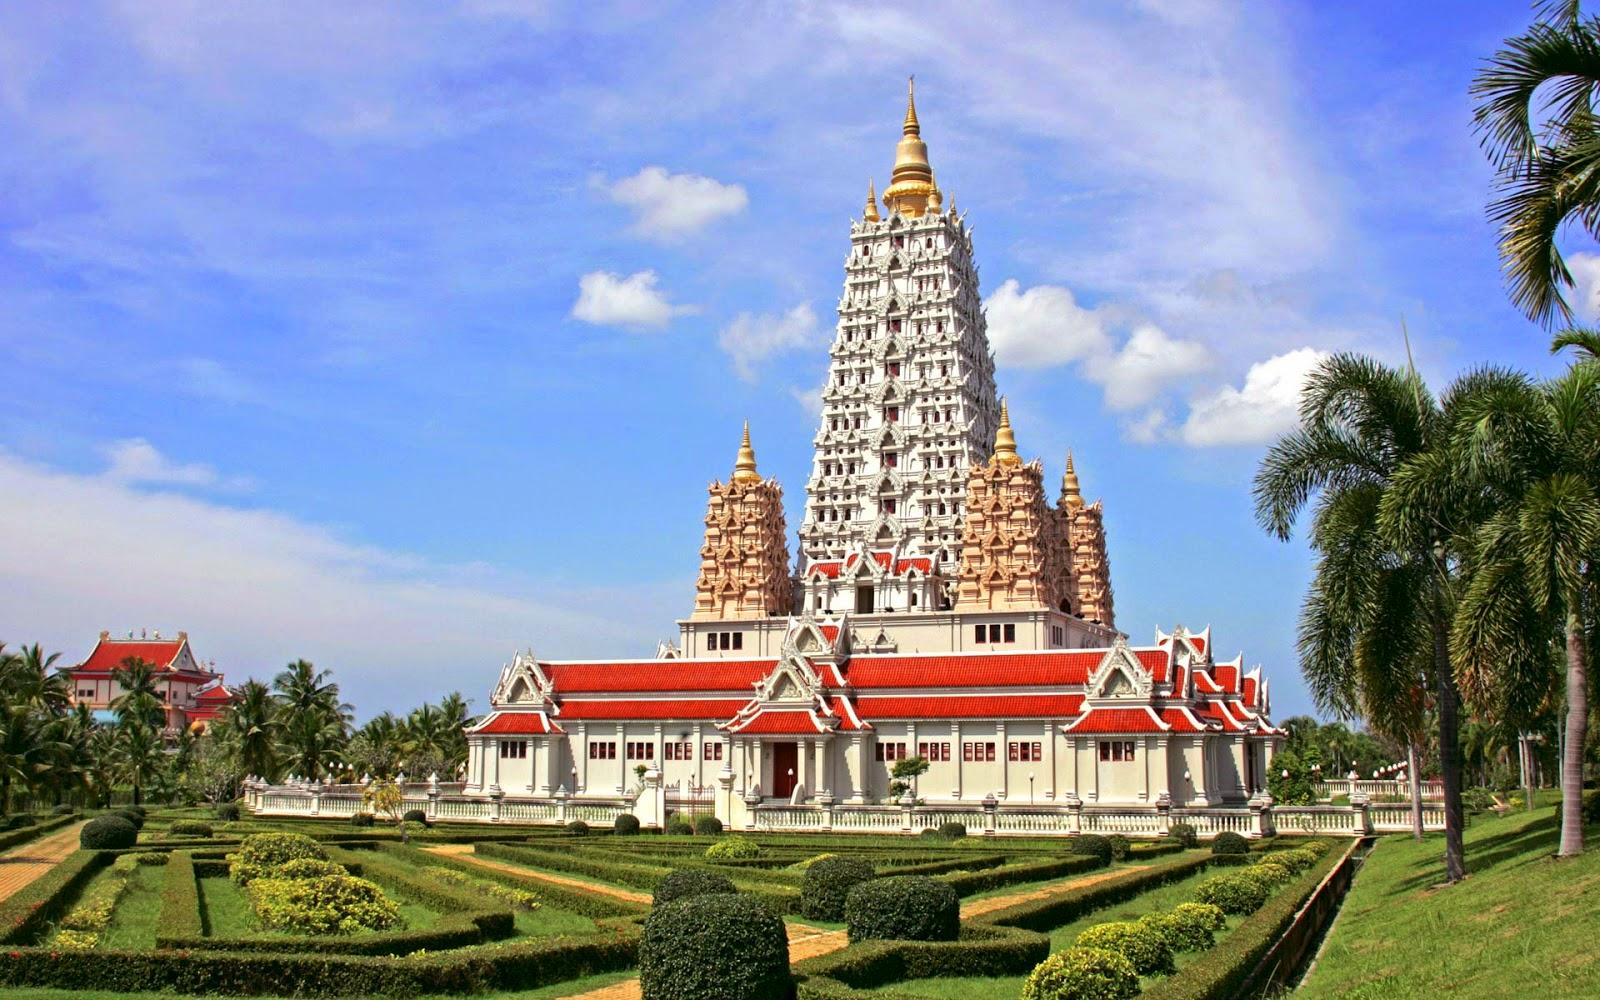 Bangkok ~ Pattaya Attractions Part 2: Buddha and Temples ...